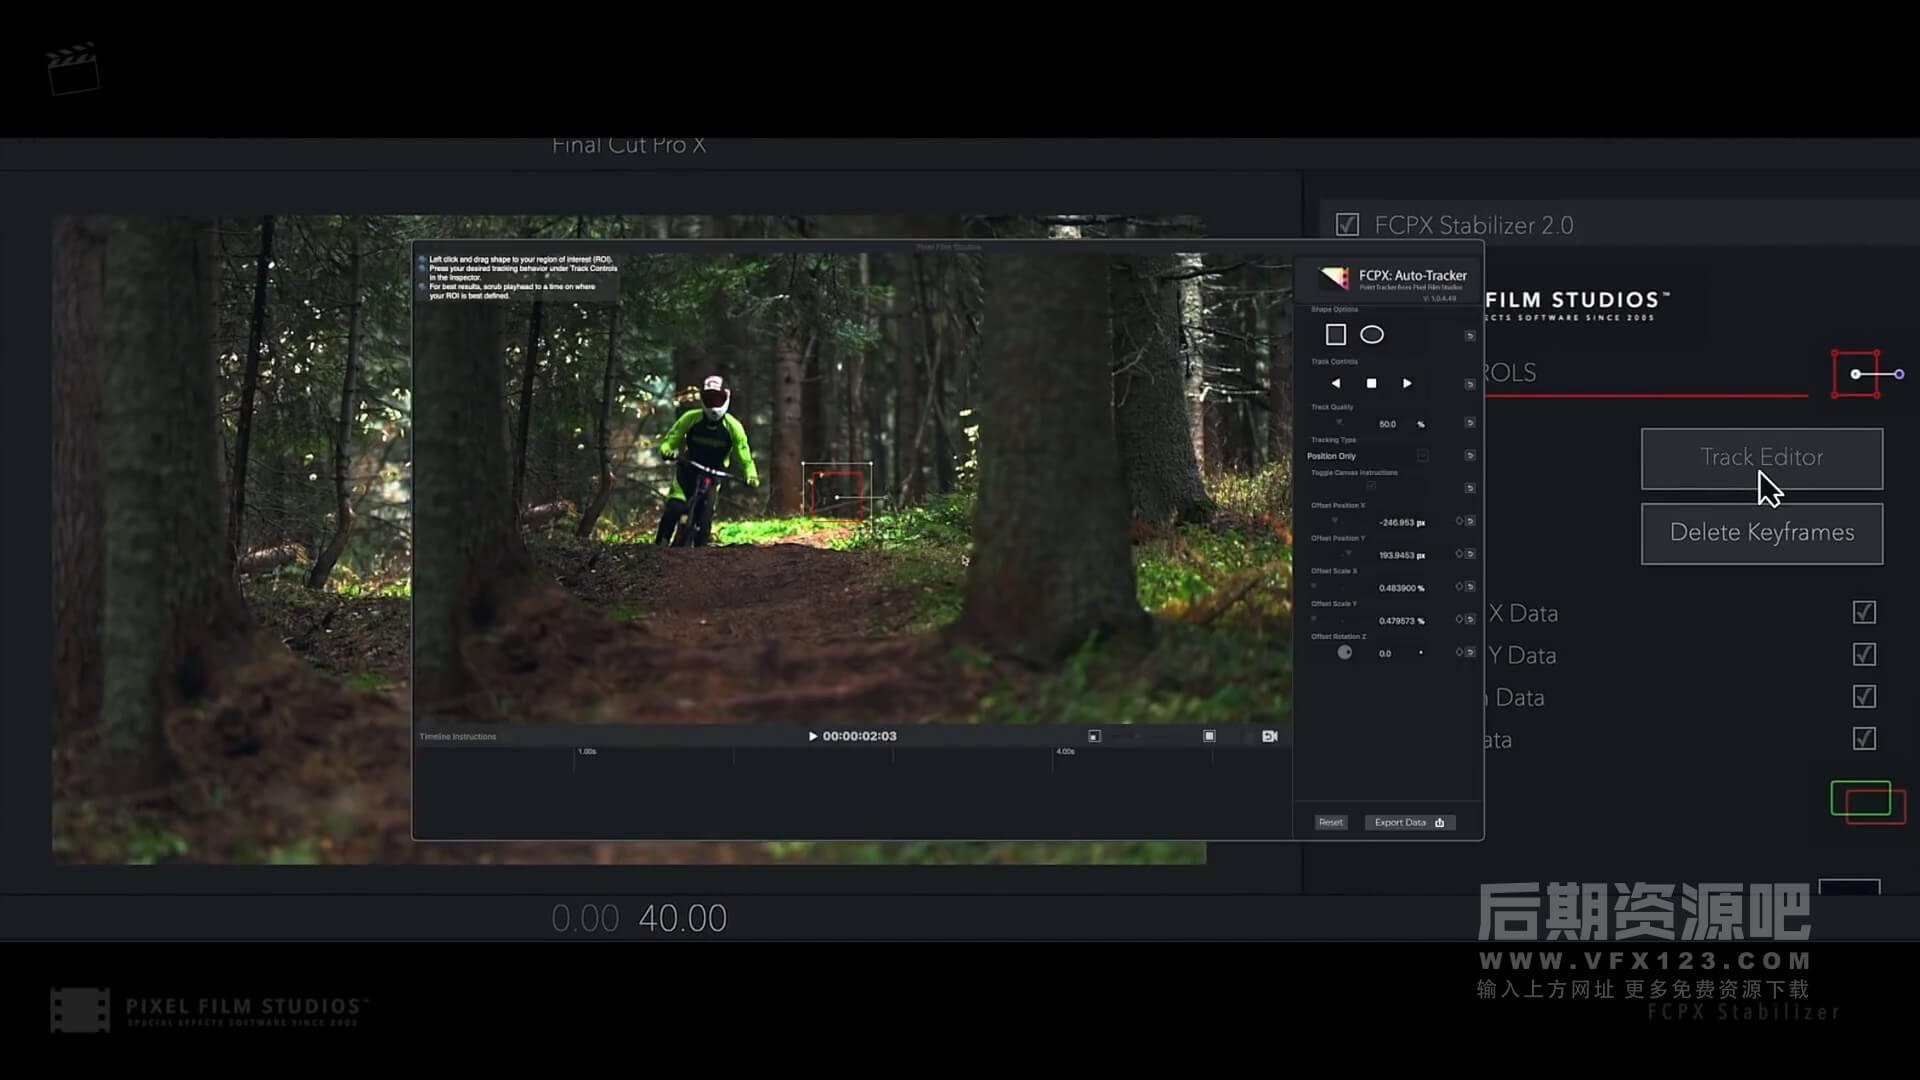 FCPX插件 视频画面自动跟踪镜头稳定防抖工具 支持 fcpx 10.5.1 Stabilizer 2.0